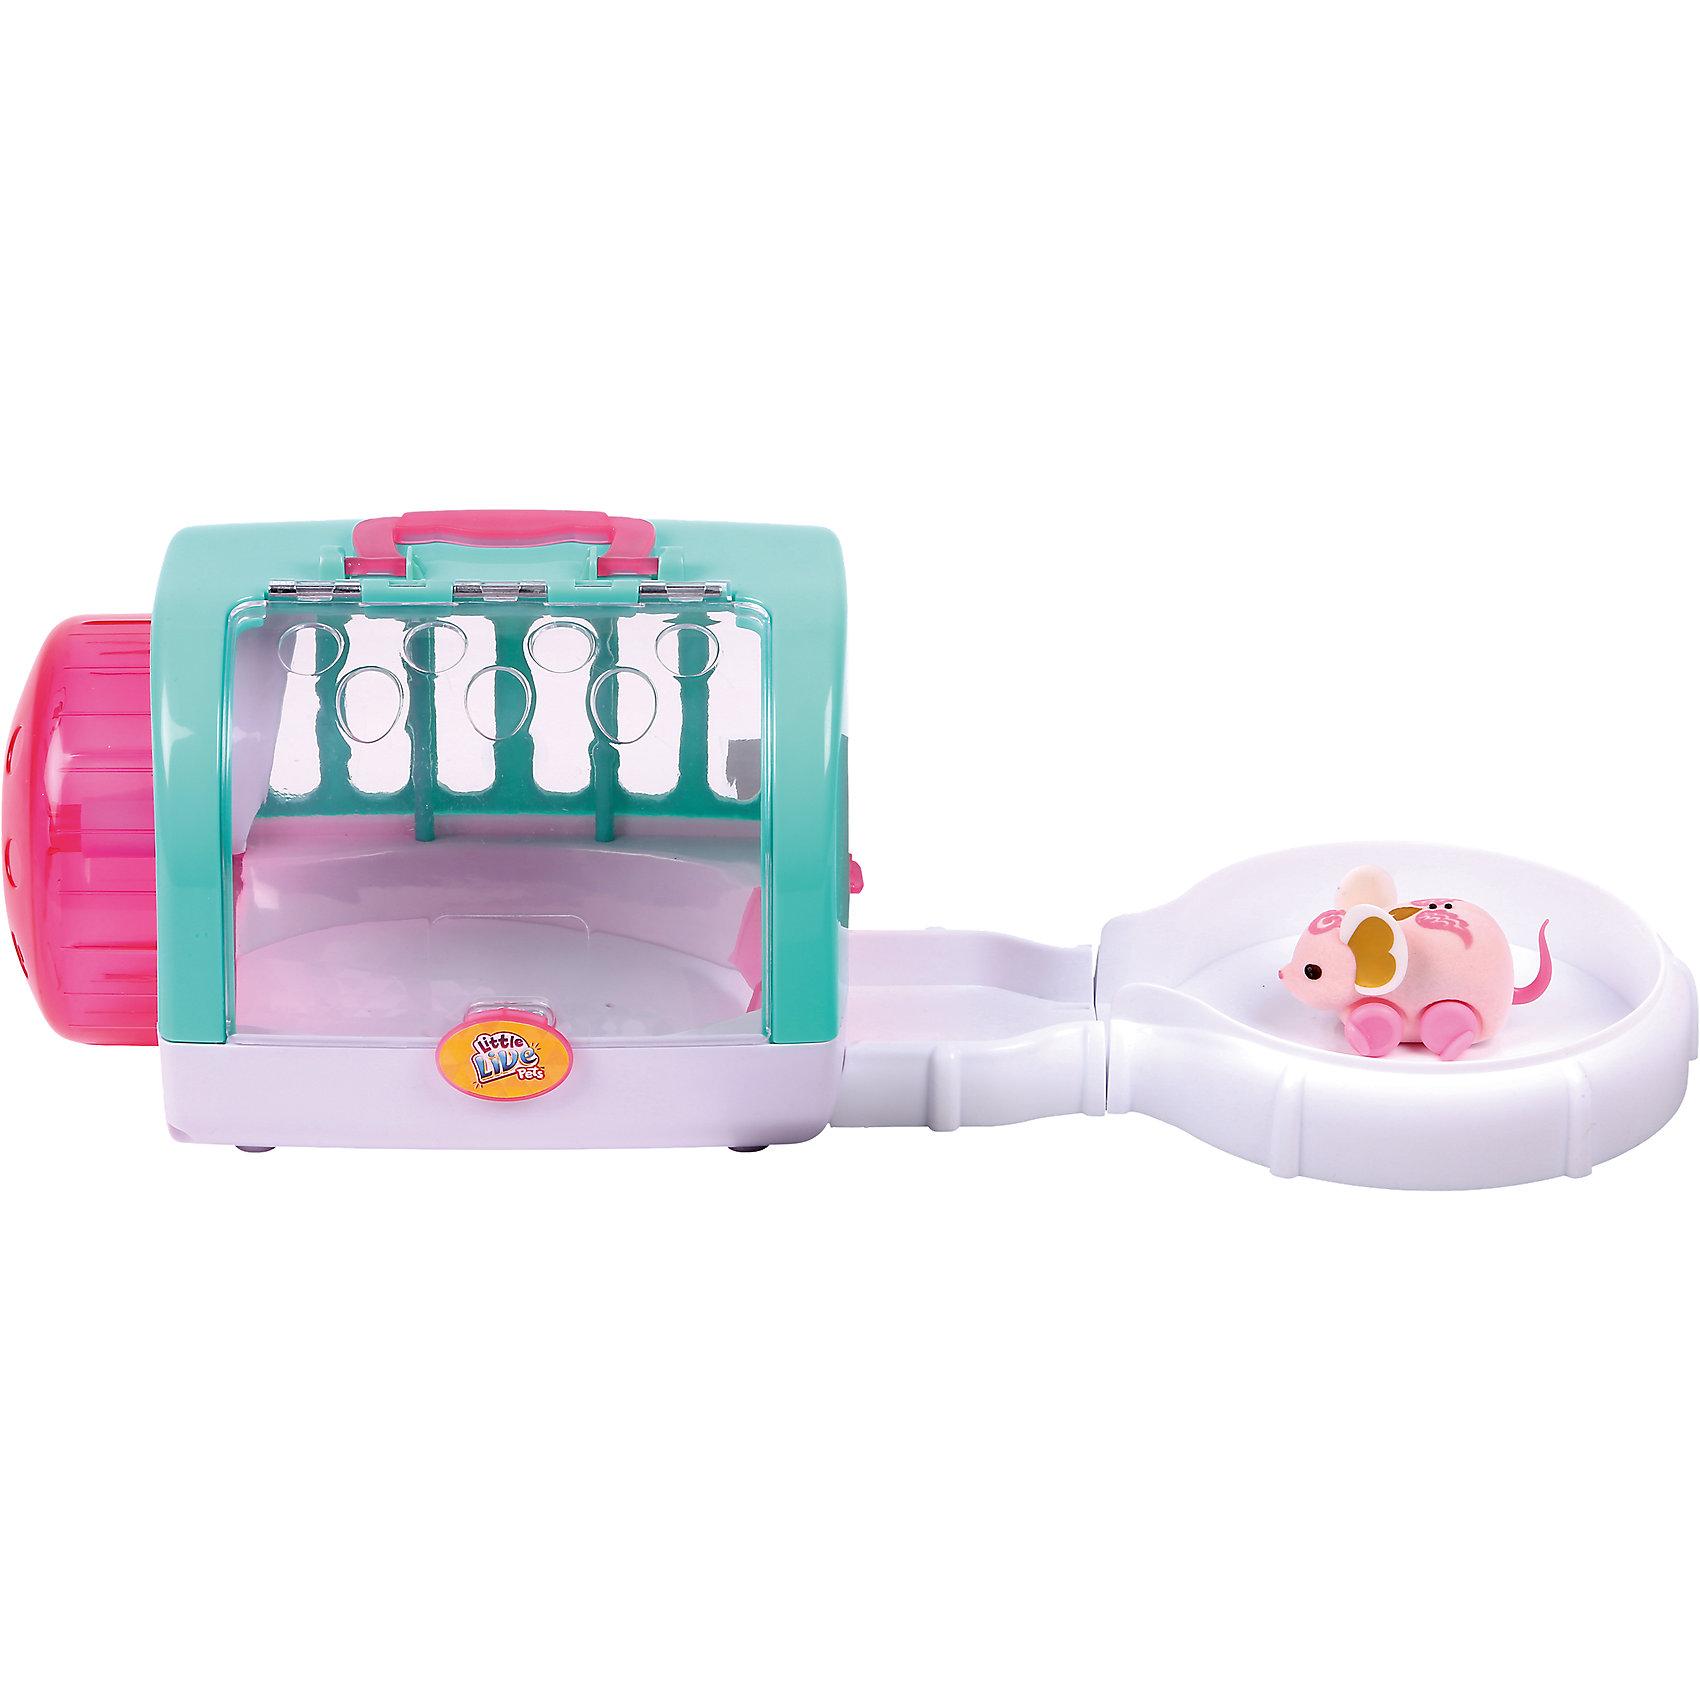 Мышка с домиком Angel Dancer, Little Live Pets, MooseИнтерактивные животные<br>Характеристики товара:<br><br>• возраст от 5 лет;<br>• материал: пластик, флок;<br>• в комплекте: мышка, домик, 3 батарейки;<br>• работает от 3 батареек LR44 (в комплекте);<br>• размер упаковки 19х17х23,5 см;<br>• вес упаковки 400 гр.;<br>• страна производитель: Китай.<br><br>Мышка с домиком Moose Little Live Pets «Angel Dancer» - оригинальный маленький питомец, который умеет двигаться, пищать и издавать звуки. Головка и спинка розовой мышки украшены узорами. Чтобы мышка начала движение, надо просто ее погладить. Когда мышка остается одна, она засыпает и отключается автоматически. В наборе домик с ручками, который может служить домиком для мышки или переноской, если ребенок захочет взять мышку с собой на прогулку или в гости. Домик раскладывается, образуя настоящий трек для перемещений мышки.<br><br>Мышку с домиком Moose Little Live Pets «Angel Dancer» можно приобрести в нашем интернет-магазине.<br><br>Ширина мм: 256<br>Глубина мм: 187<br>Высота мм: 203<br>Вес г: 636<br>Возраст от месяцев: 60<br>Возраст до месяцев: 108<br>Пол: Унисекс<br>Возраст: Детский<br>SKU: 5400755